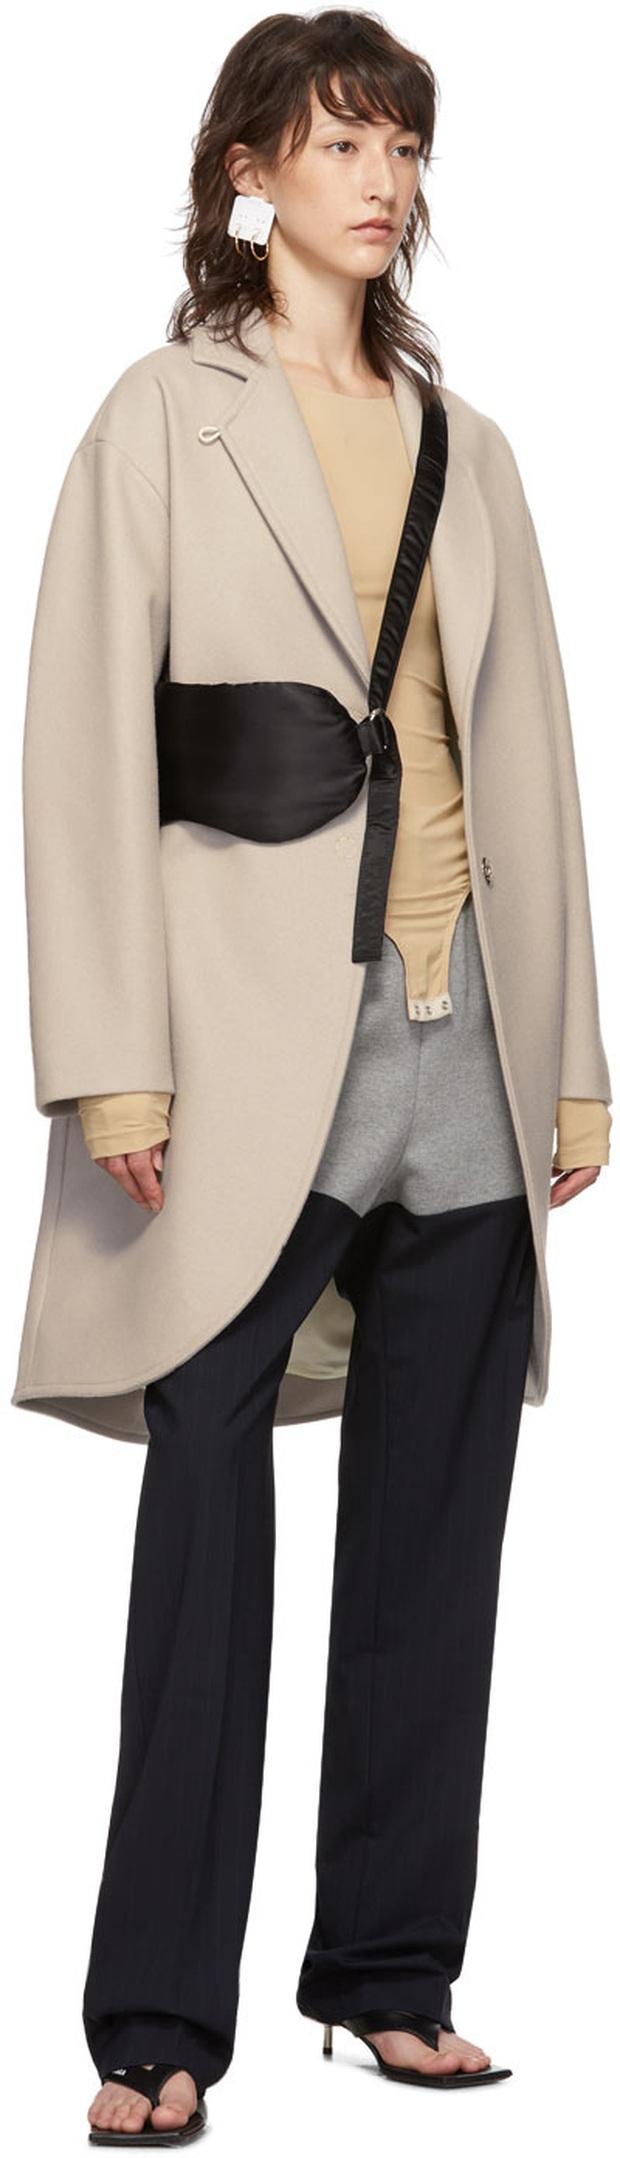 Khuyên tai lừa tình của hãng thời trang nổi tiếng khiến khách hàng phát rồ khi đeo lên - Ảnh 3.